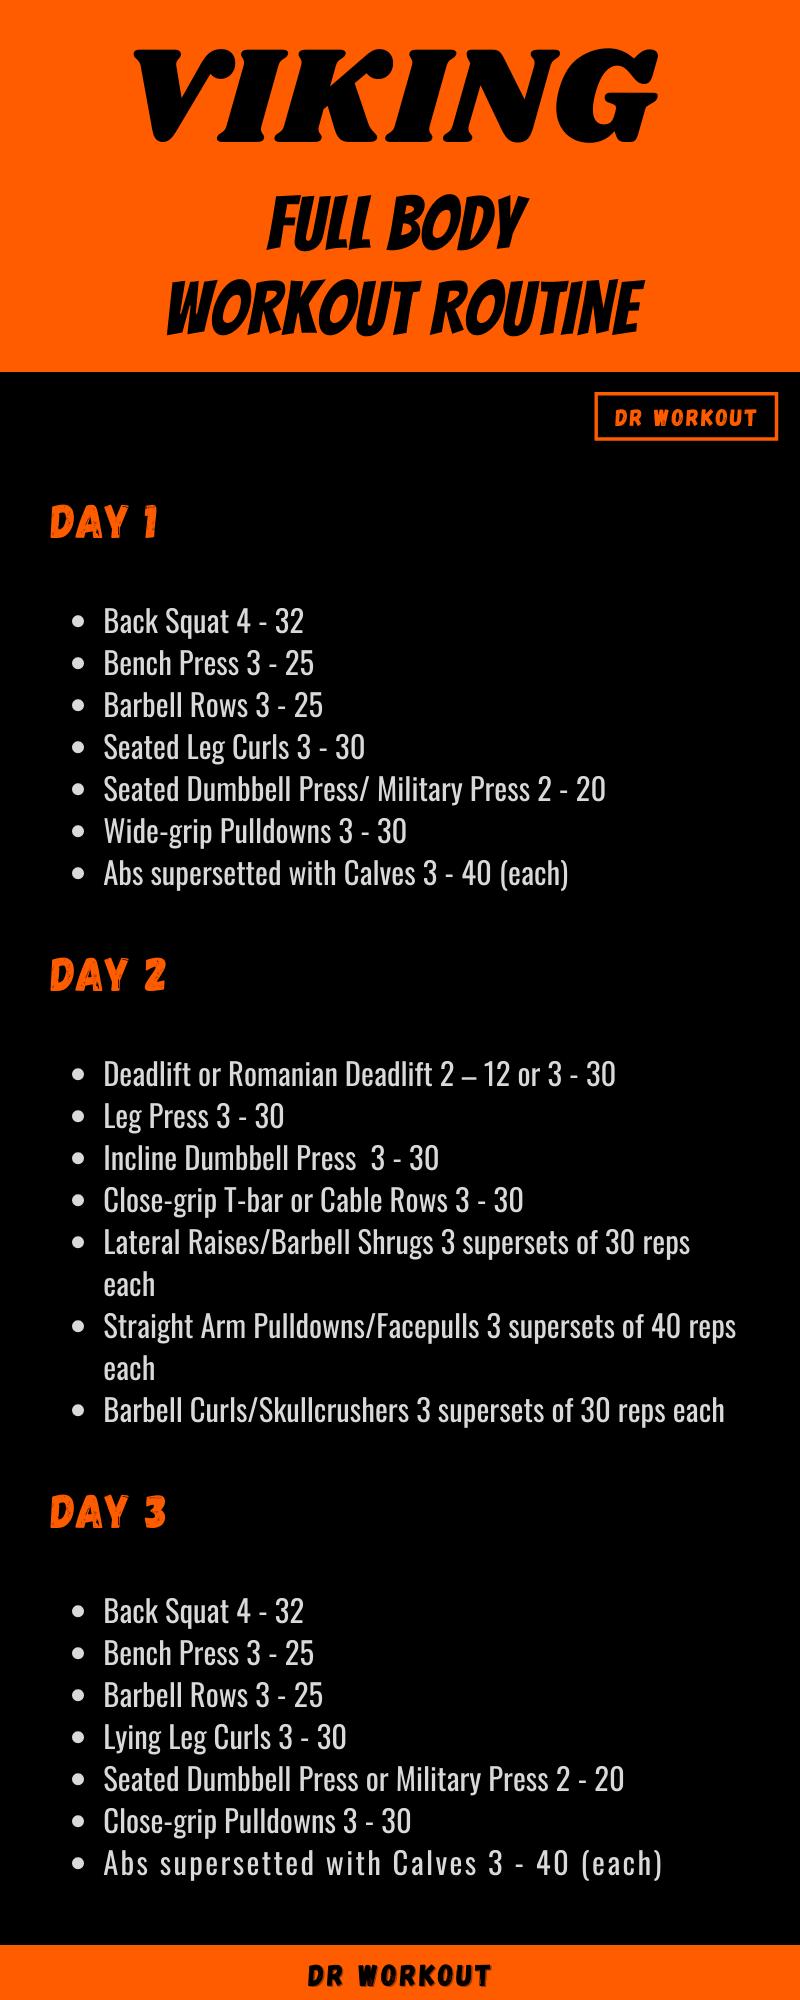 Viking Full Body Routine